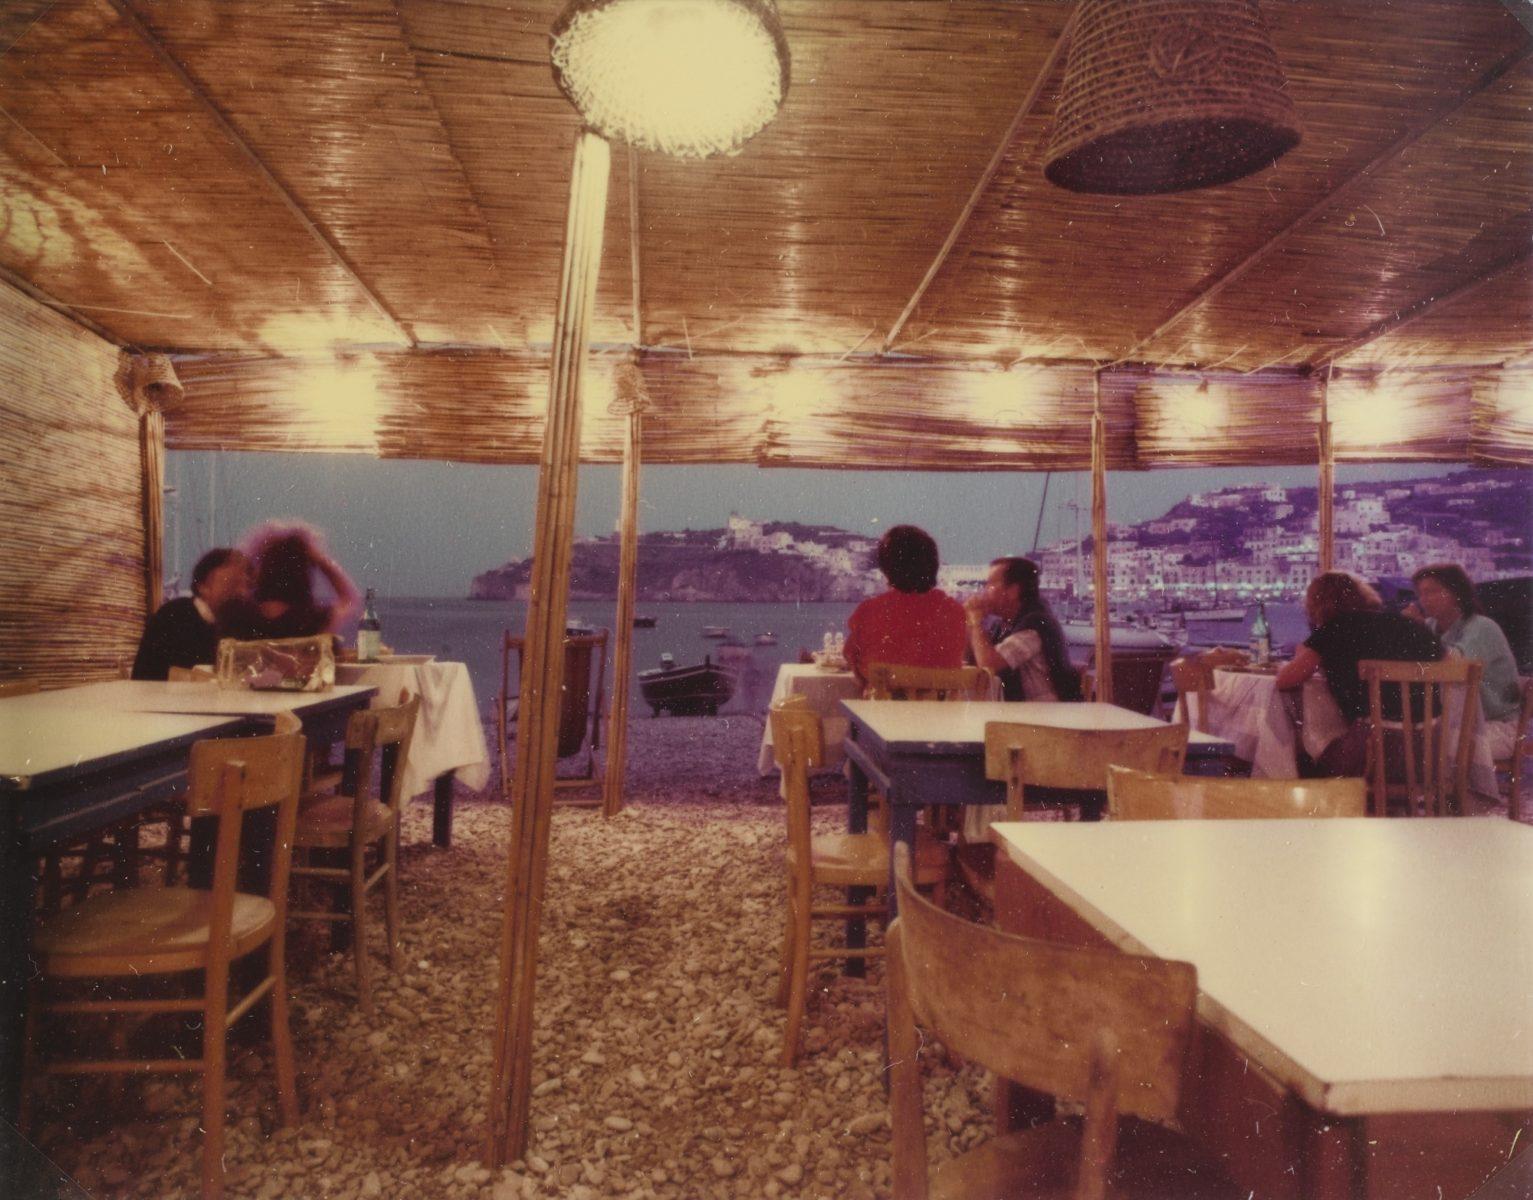 Isola di Ponza,意大利的Paesaggio,1986年©Luigi Ghirri